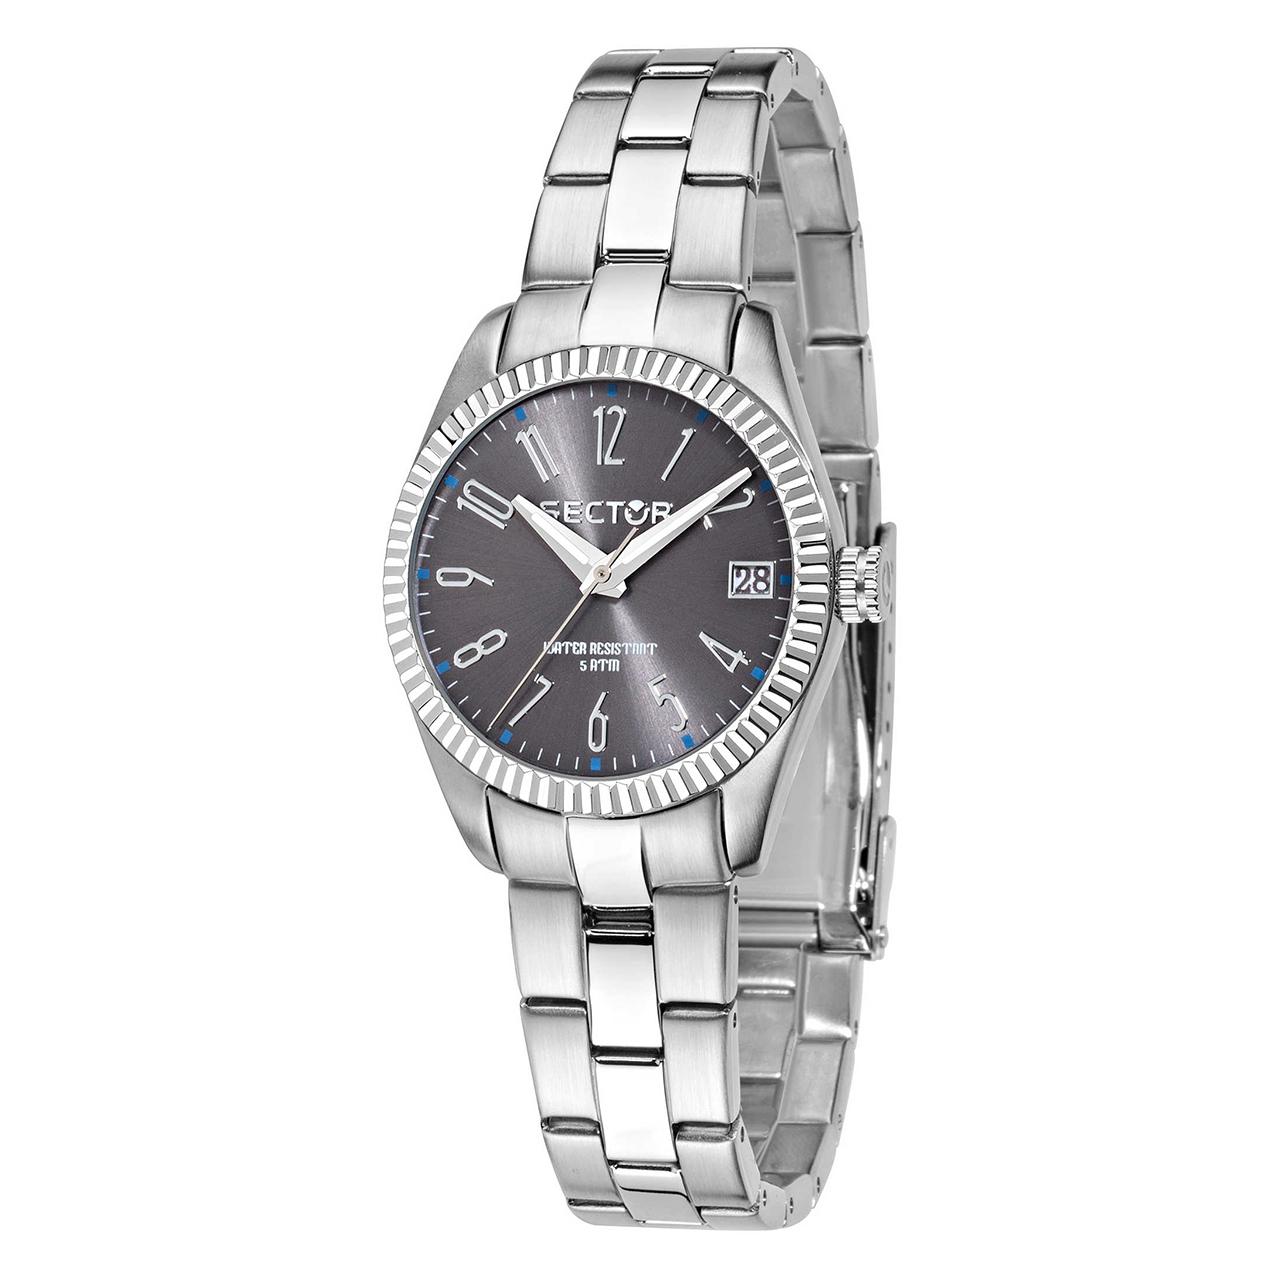 ساعت مچی عقربه ای زنانه سکتور مدل 3253579522